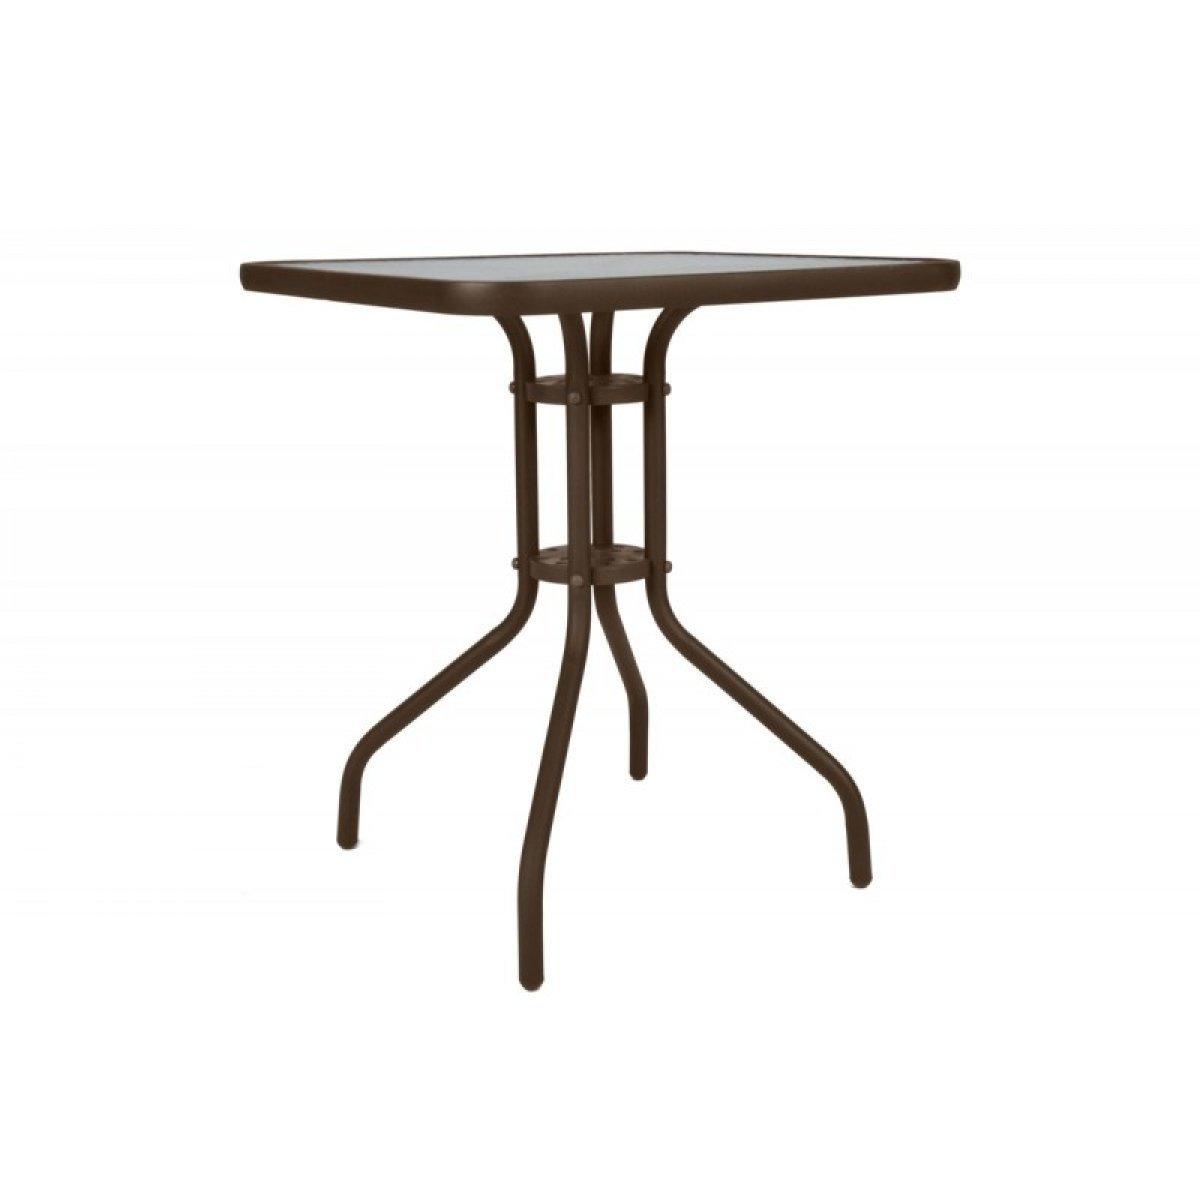 """Τραπέζι """"PALMAS NEW"""" μεταλλικό σε χρώμα καφέ 70x70x71"""